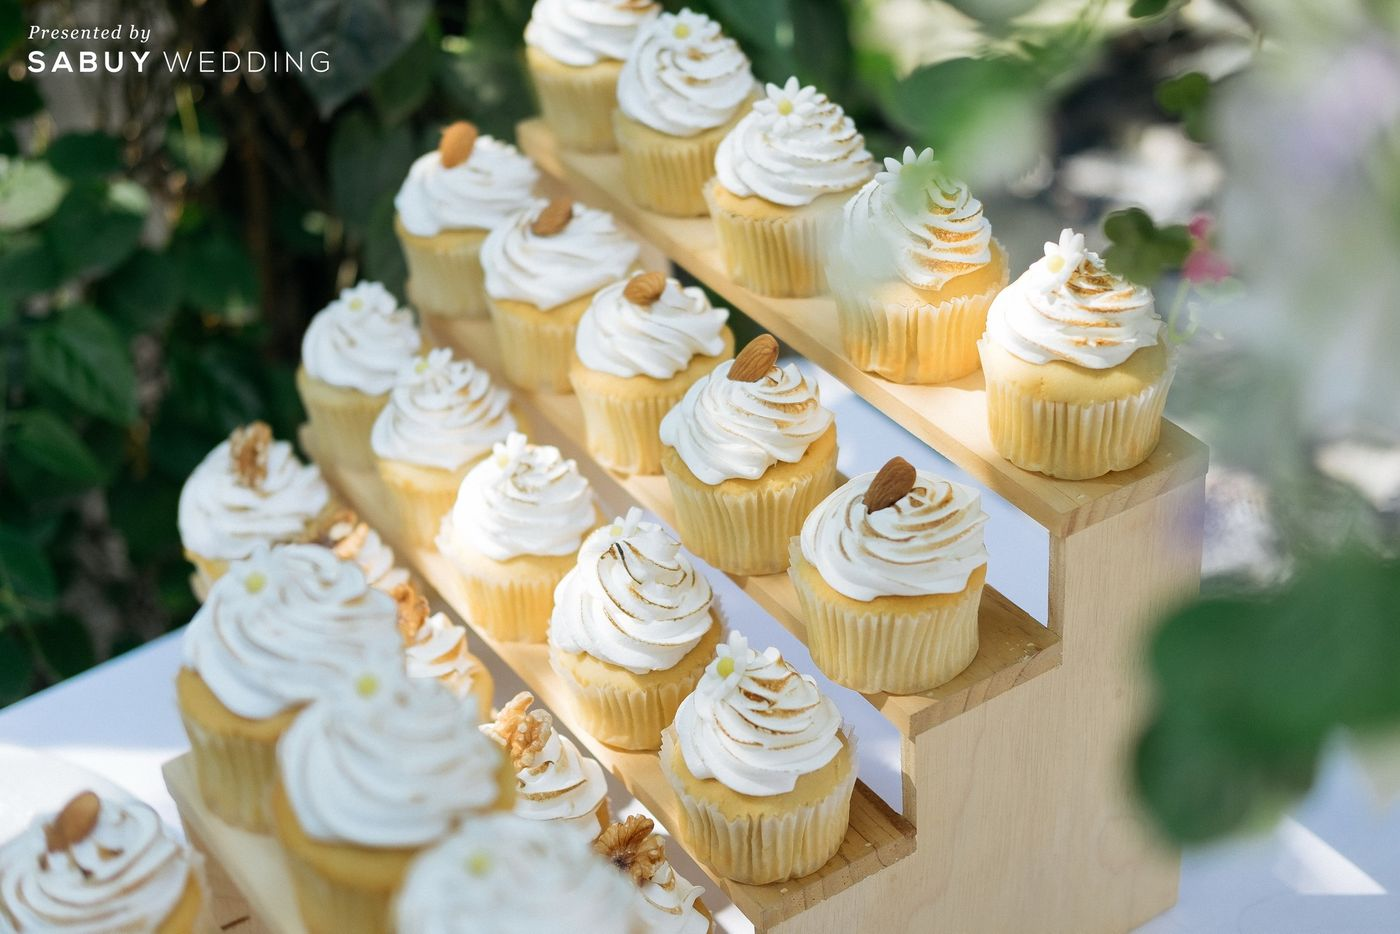 คัพเค้ก,ขนมหวาน รีวิวงานแต่งโรแมนติกมินิมอล อบอุ่นความหวาน ท่ามกลางร่มไม้ในสวน @The Gardens of Dinsor Palace